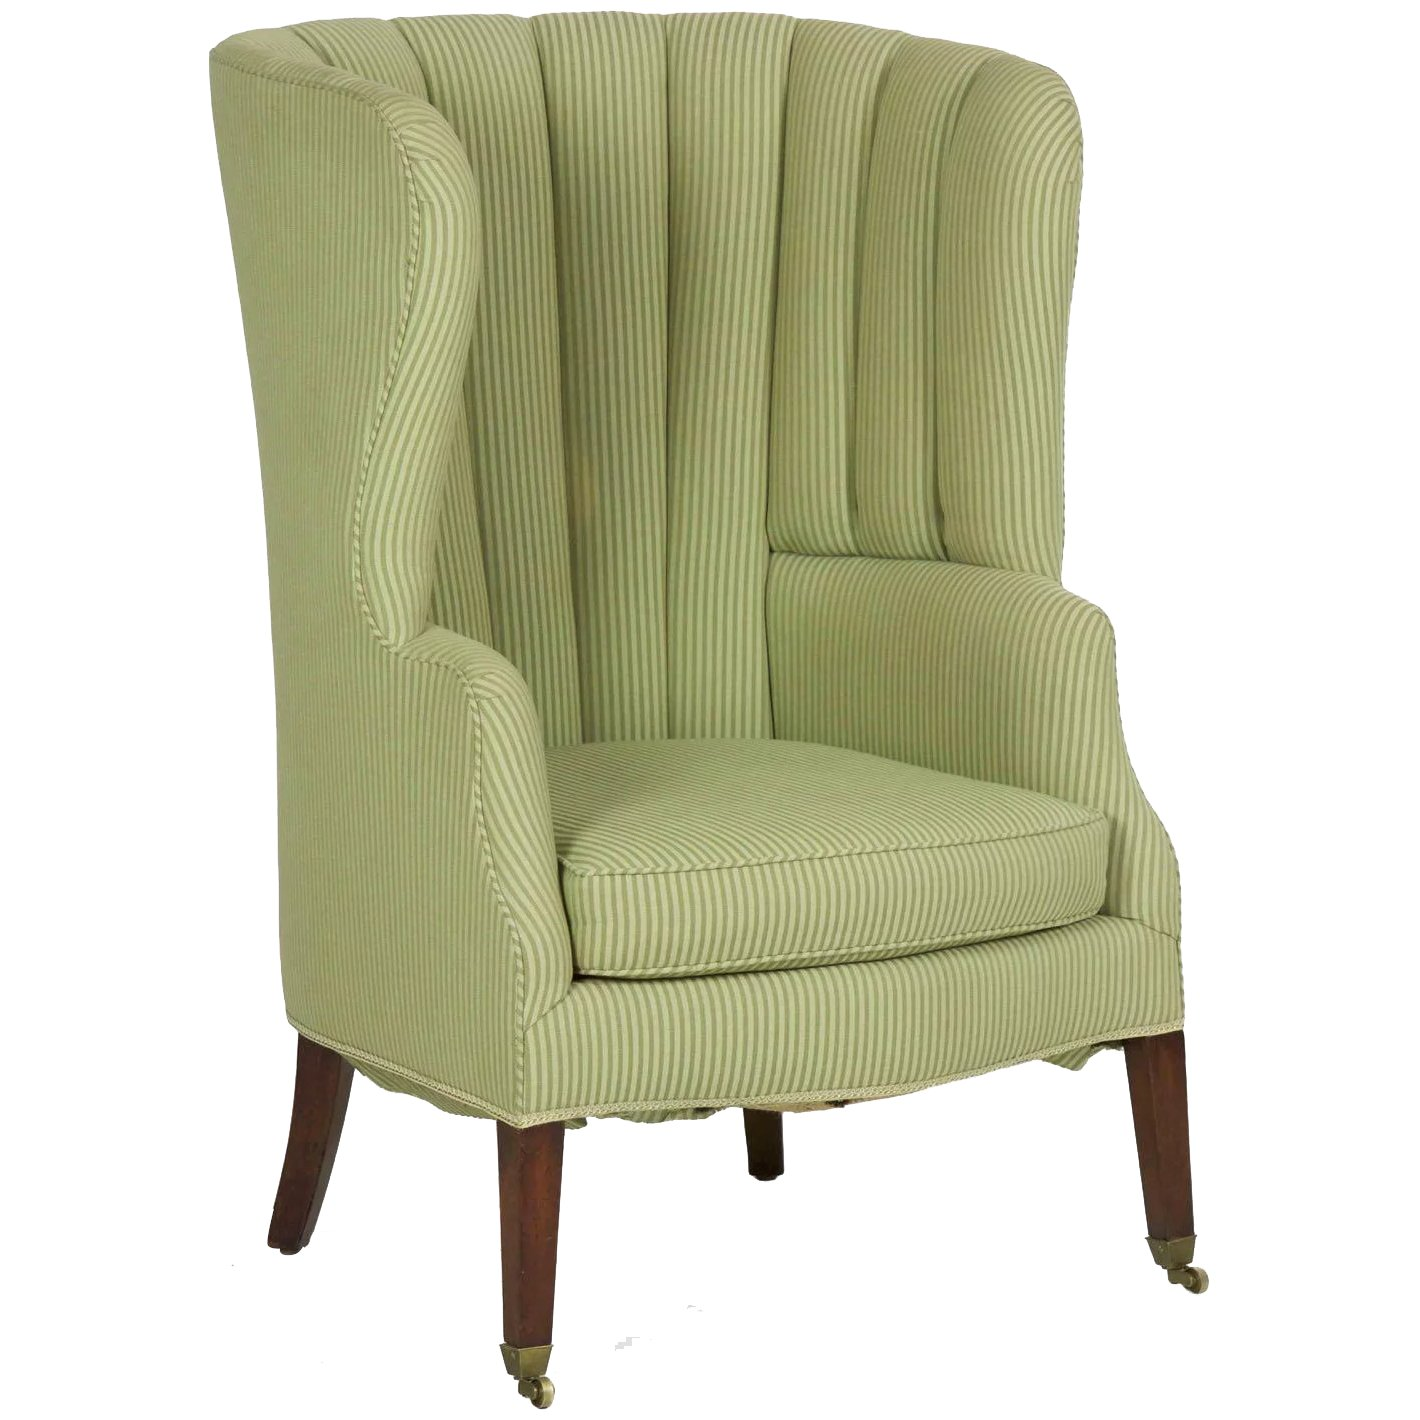 19th Century English Georgian Barrel Form Wingback Arm Chair Silla Ltd Ruby Lane